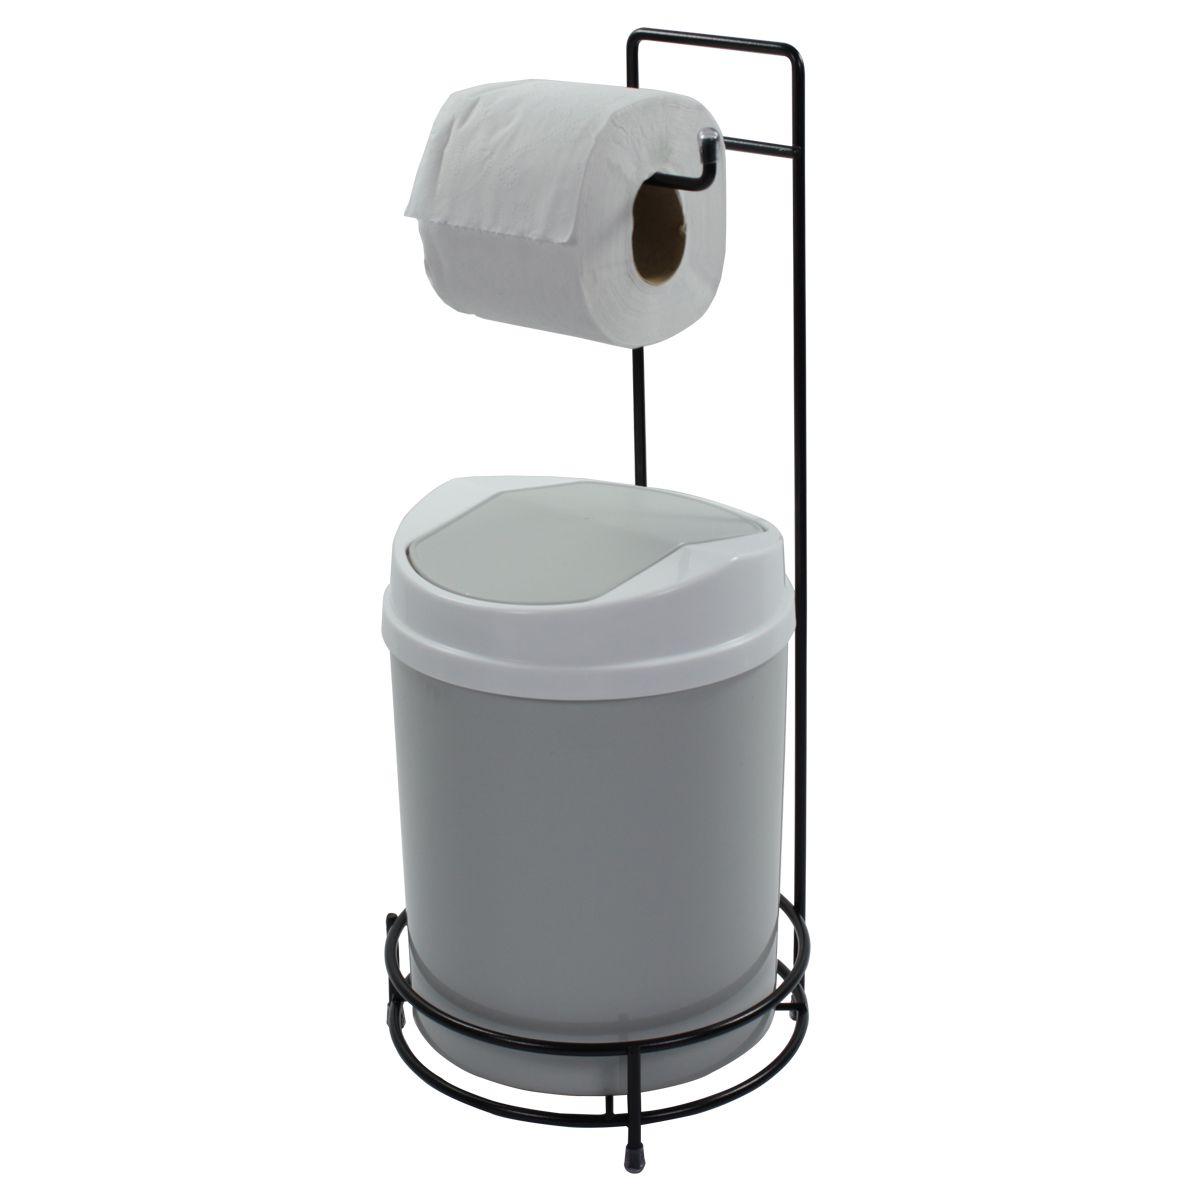 Suporte Para Papel Higiênico Preto Lixeira 5 Litros Basculante